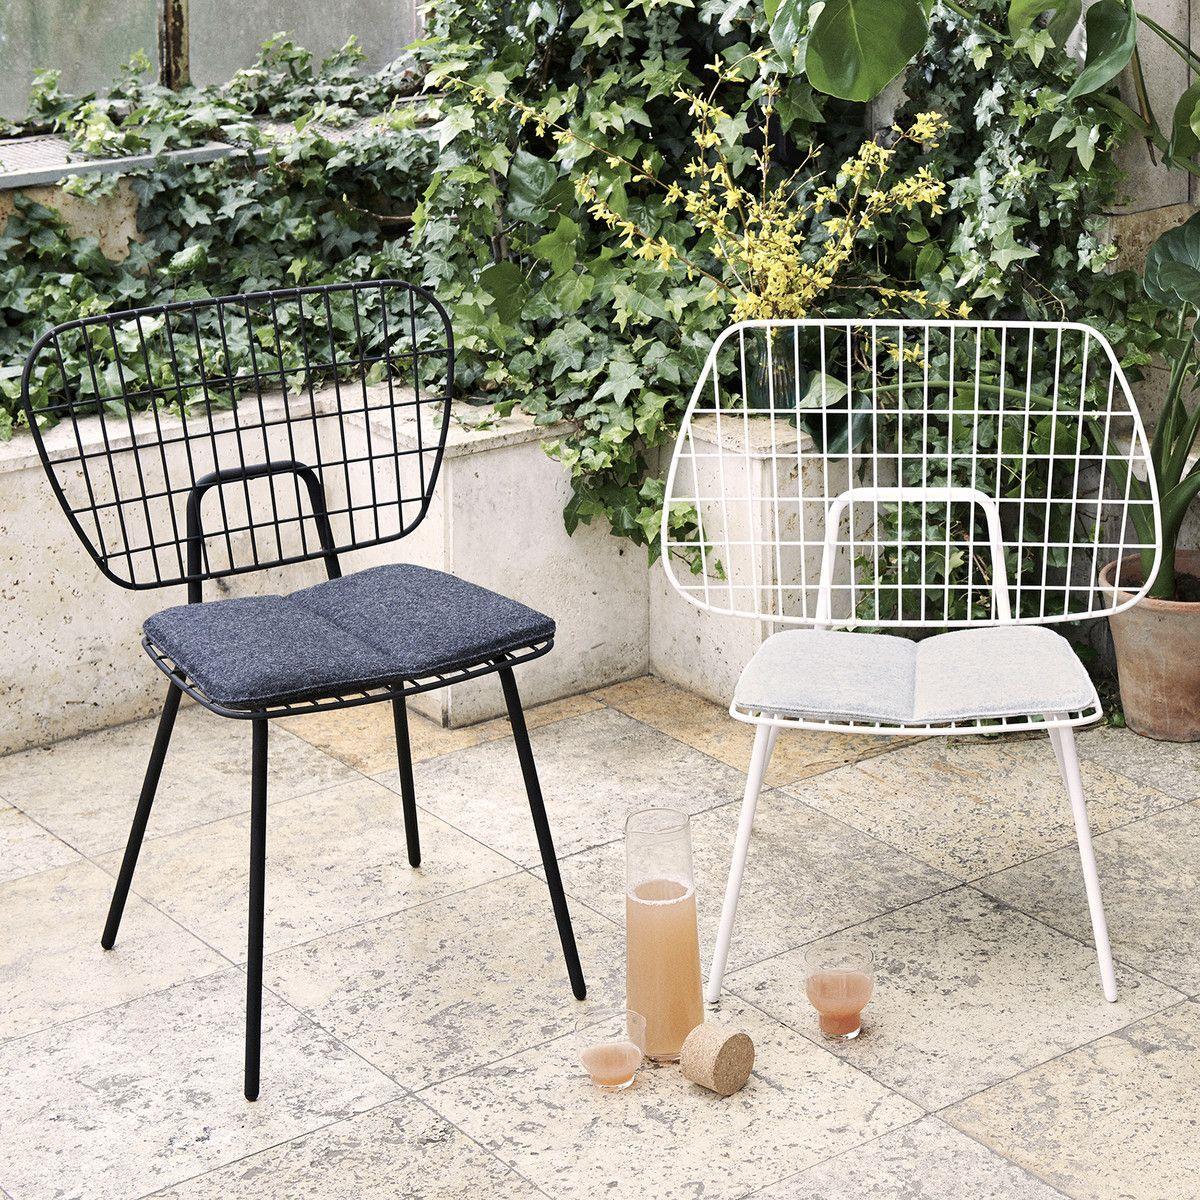 patio string chair ebay high menu wm dining weiß m sitzen stühle